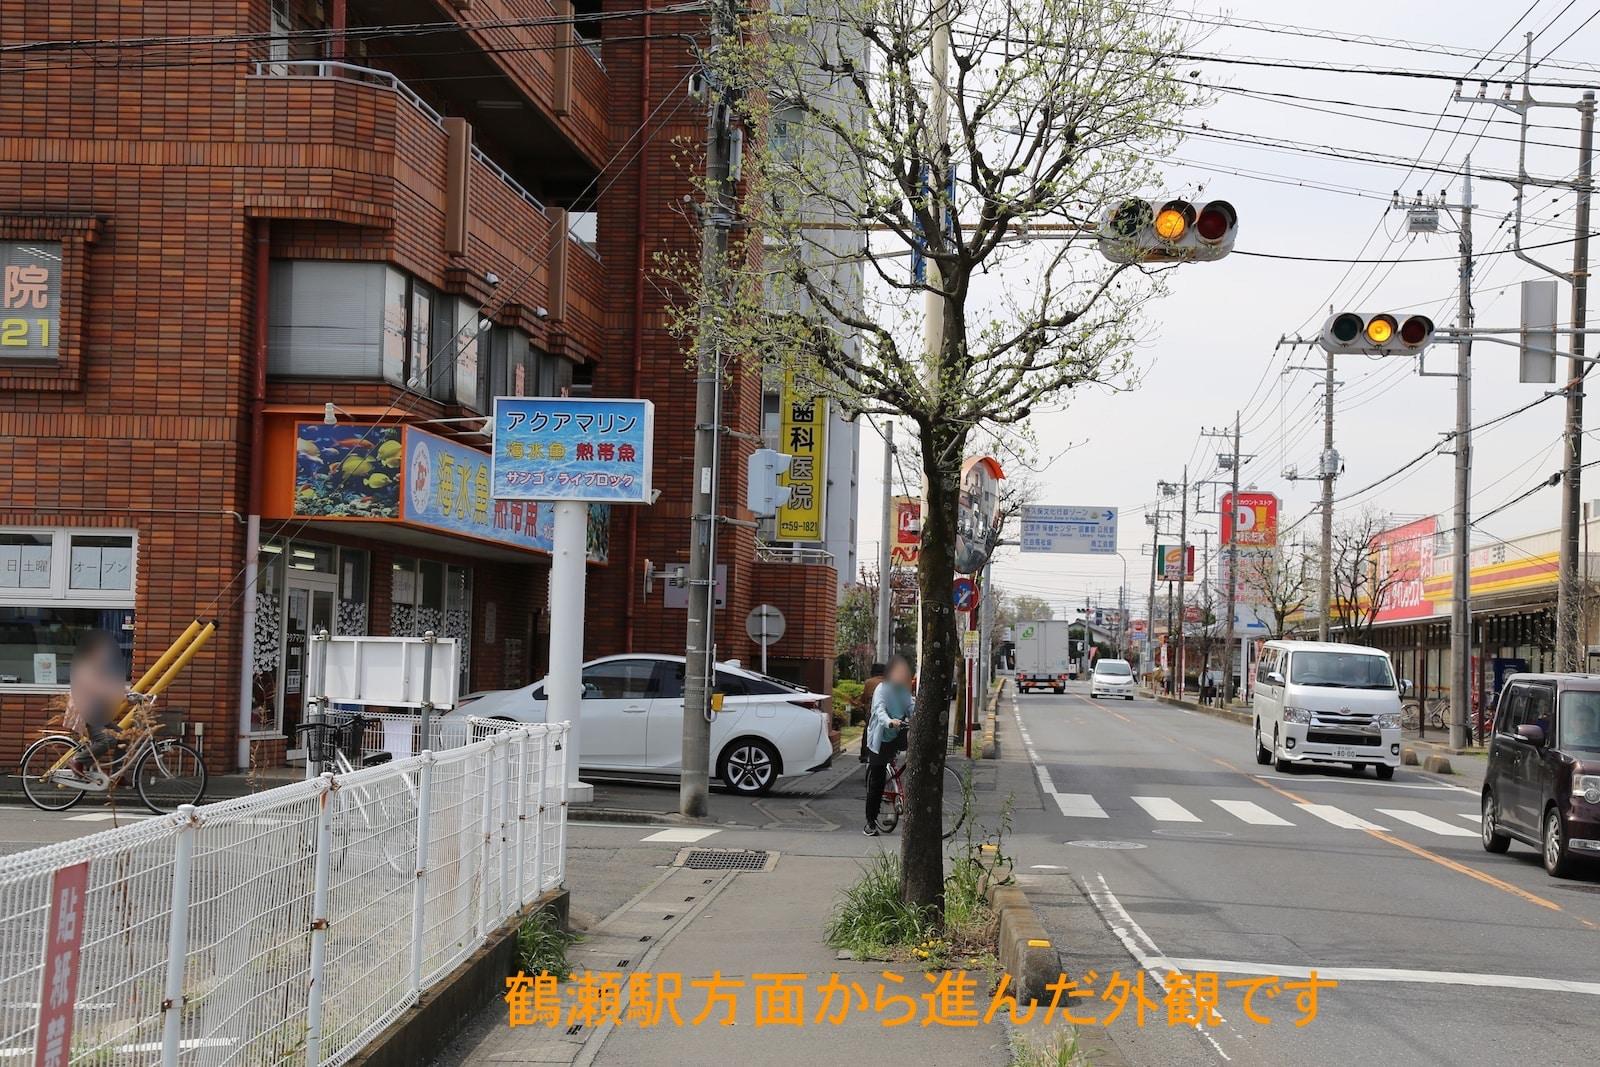 アクアマリン埼玉鶴瀬店